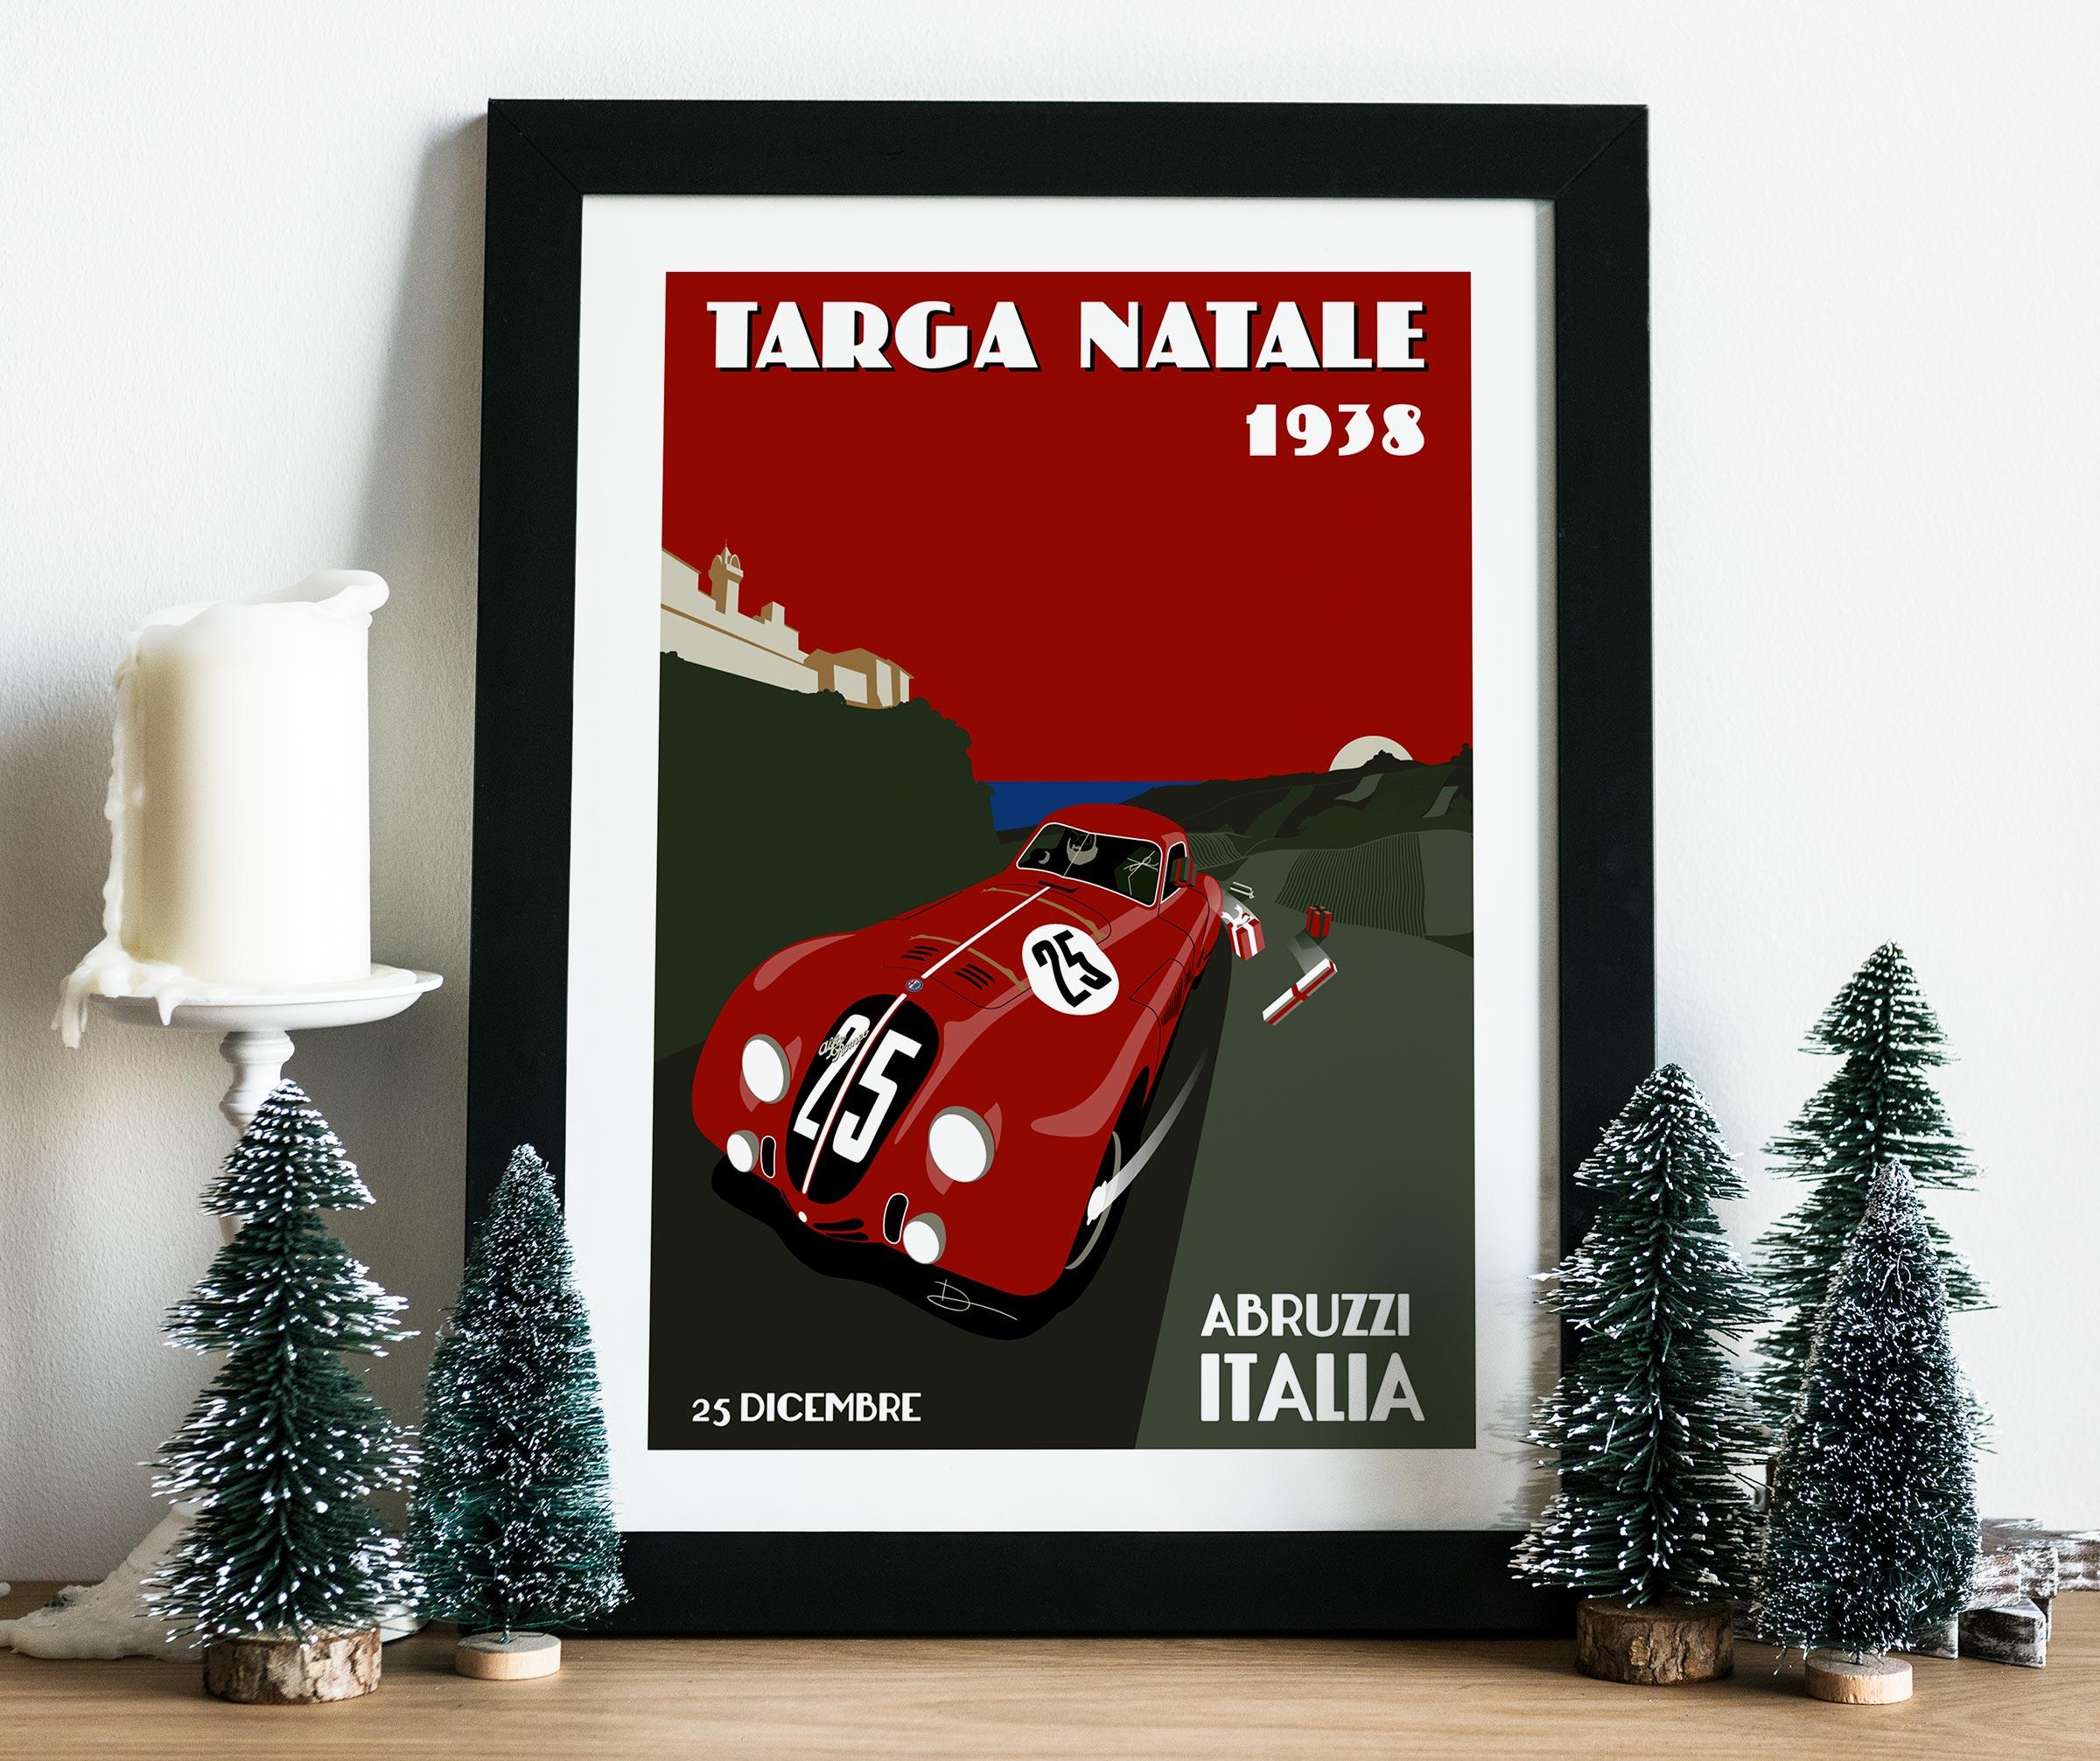 2013 Christmas Poster mockup